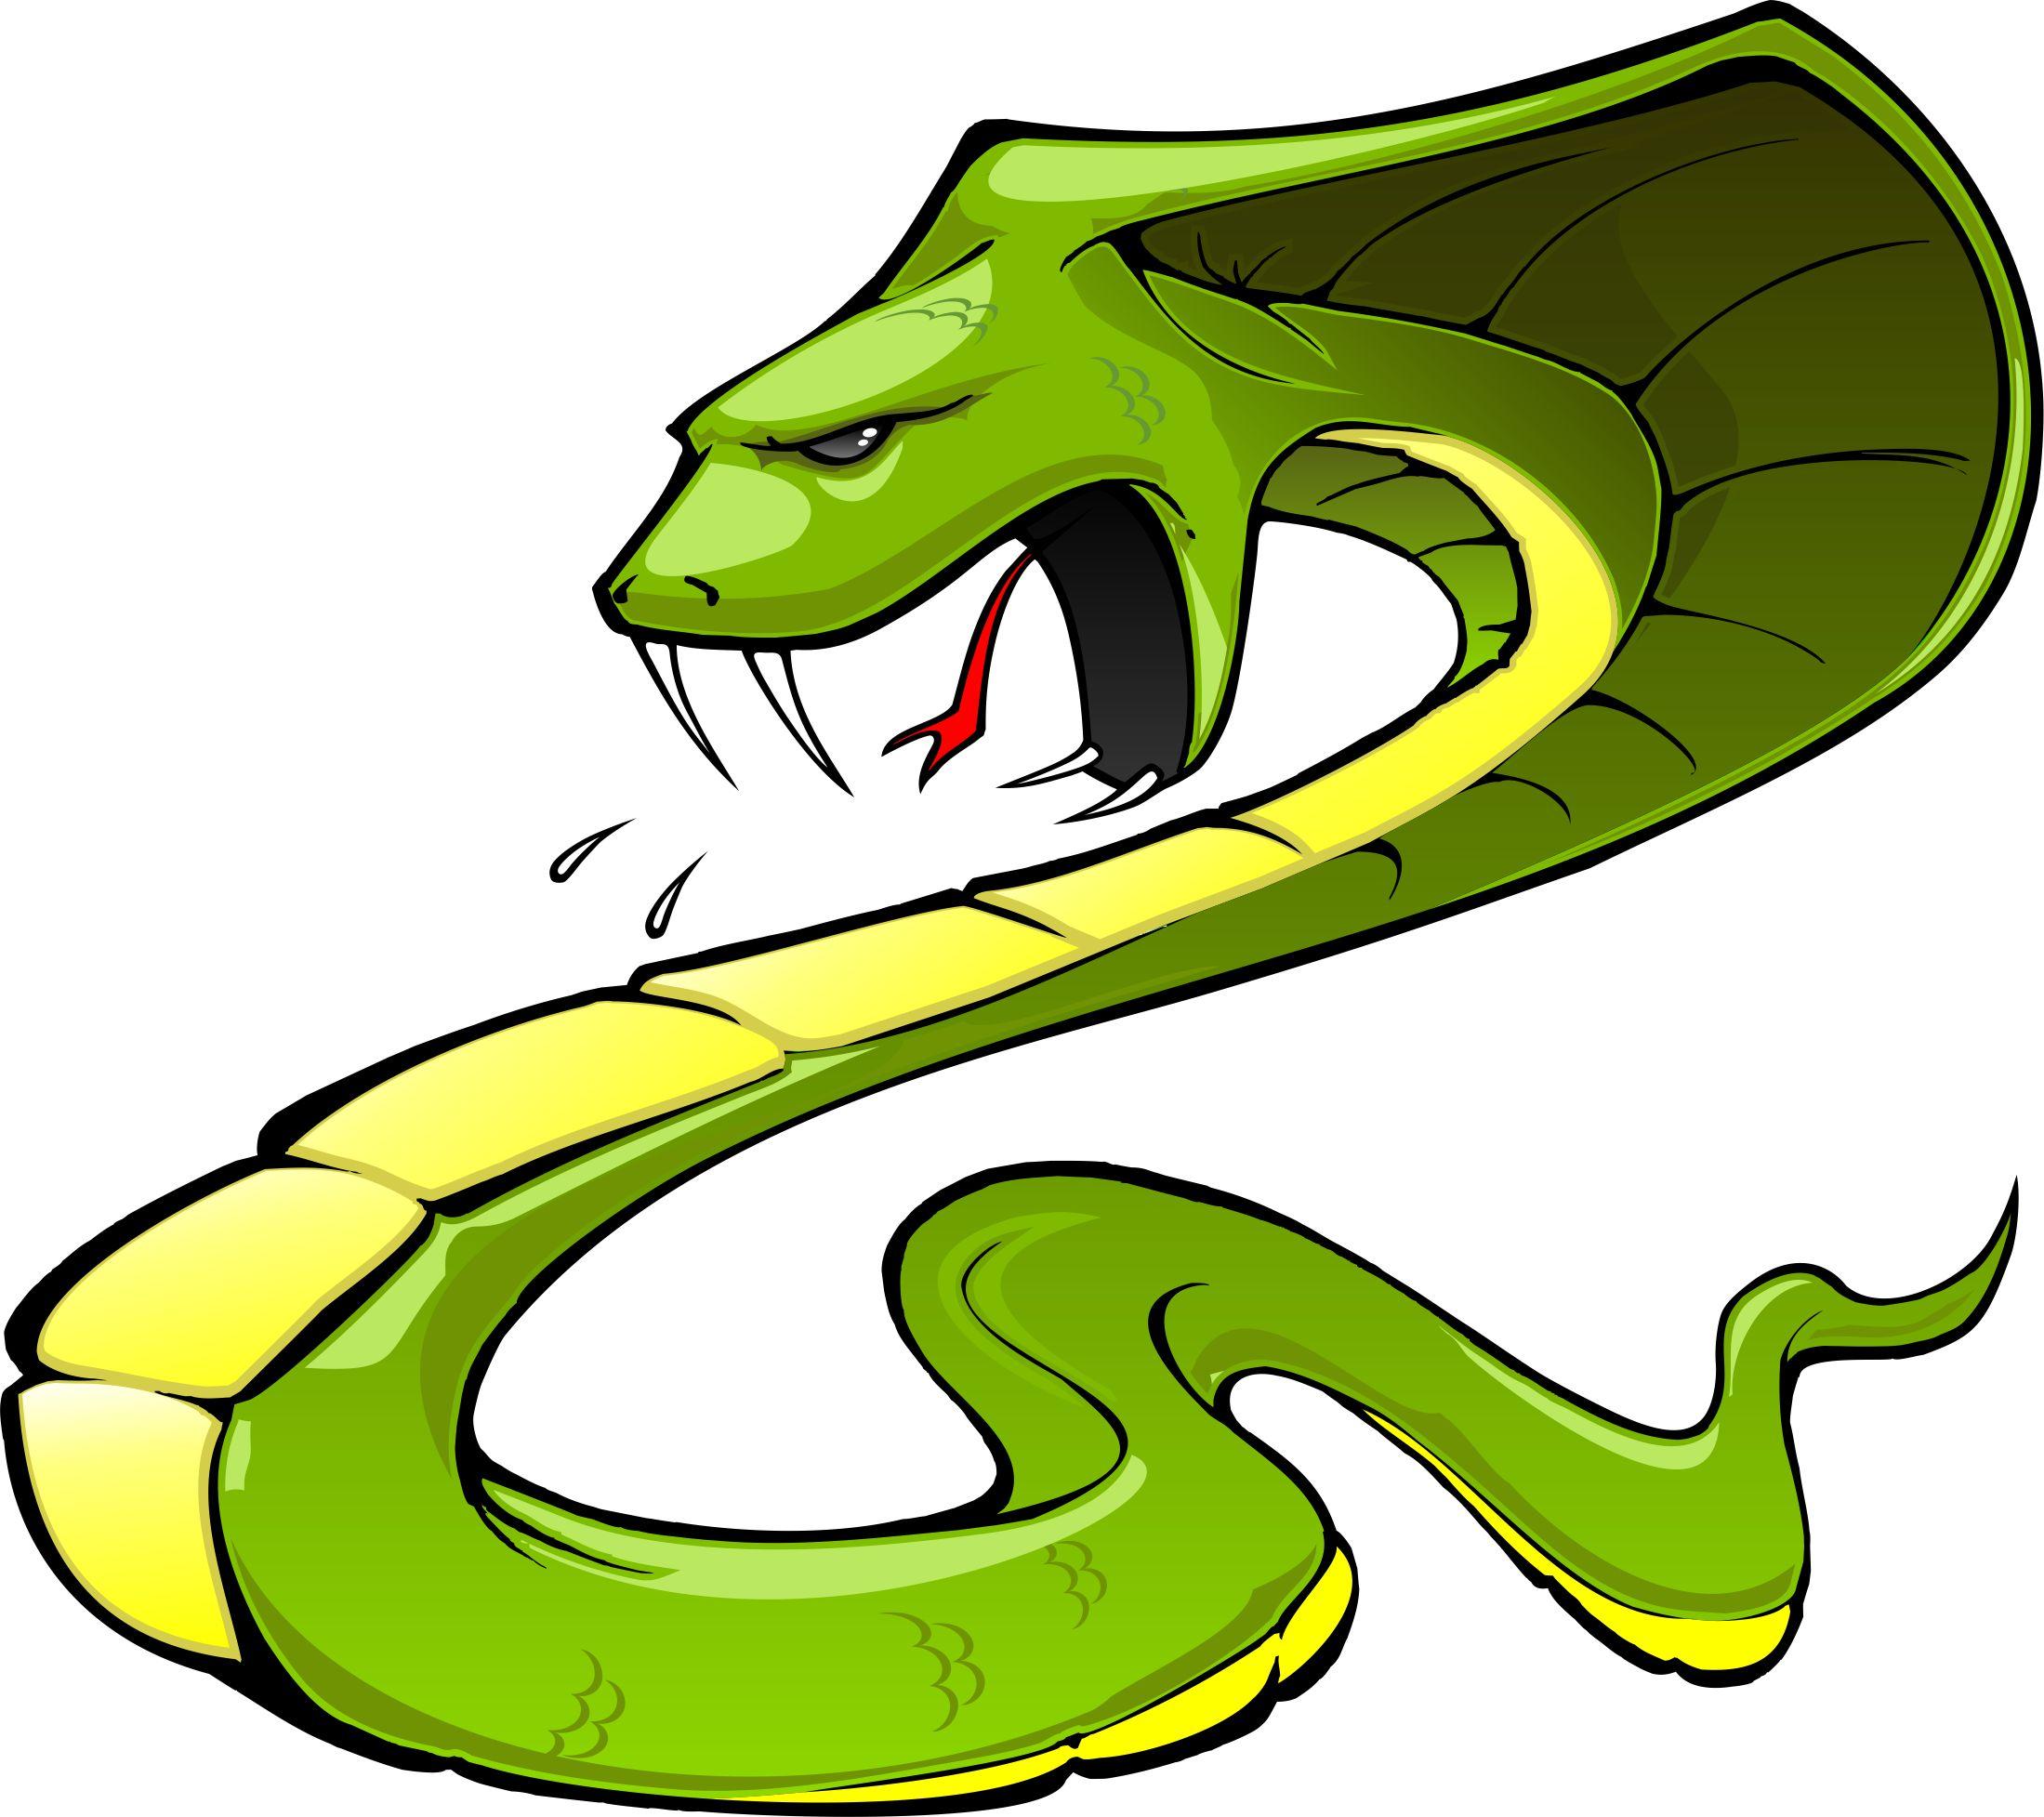 2199x1955 Viper Snake Clipart